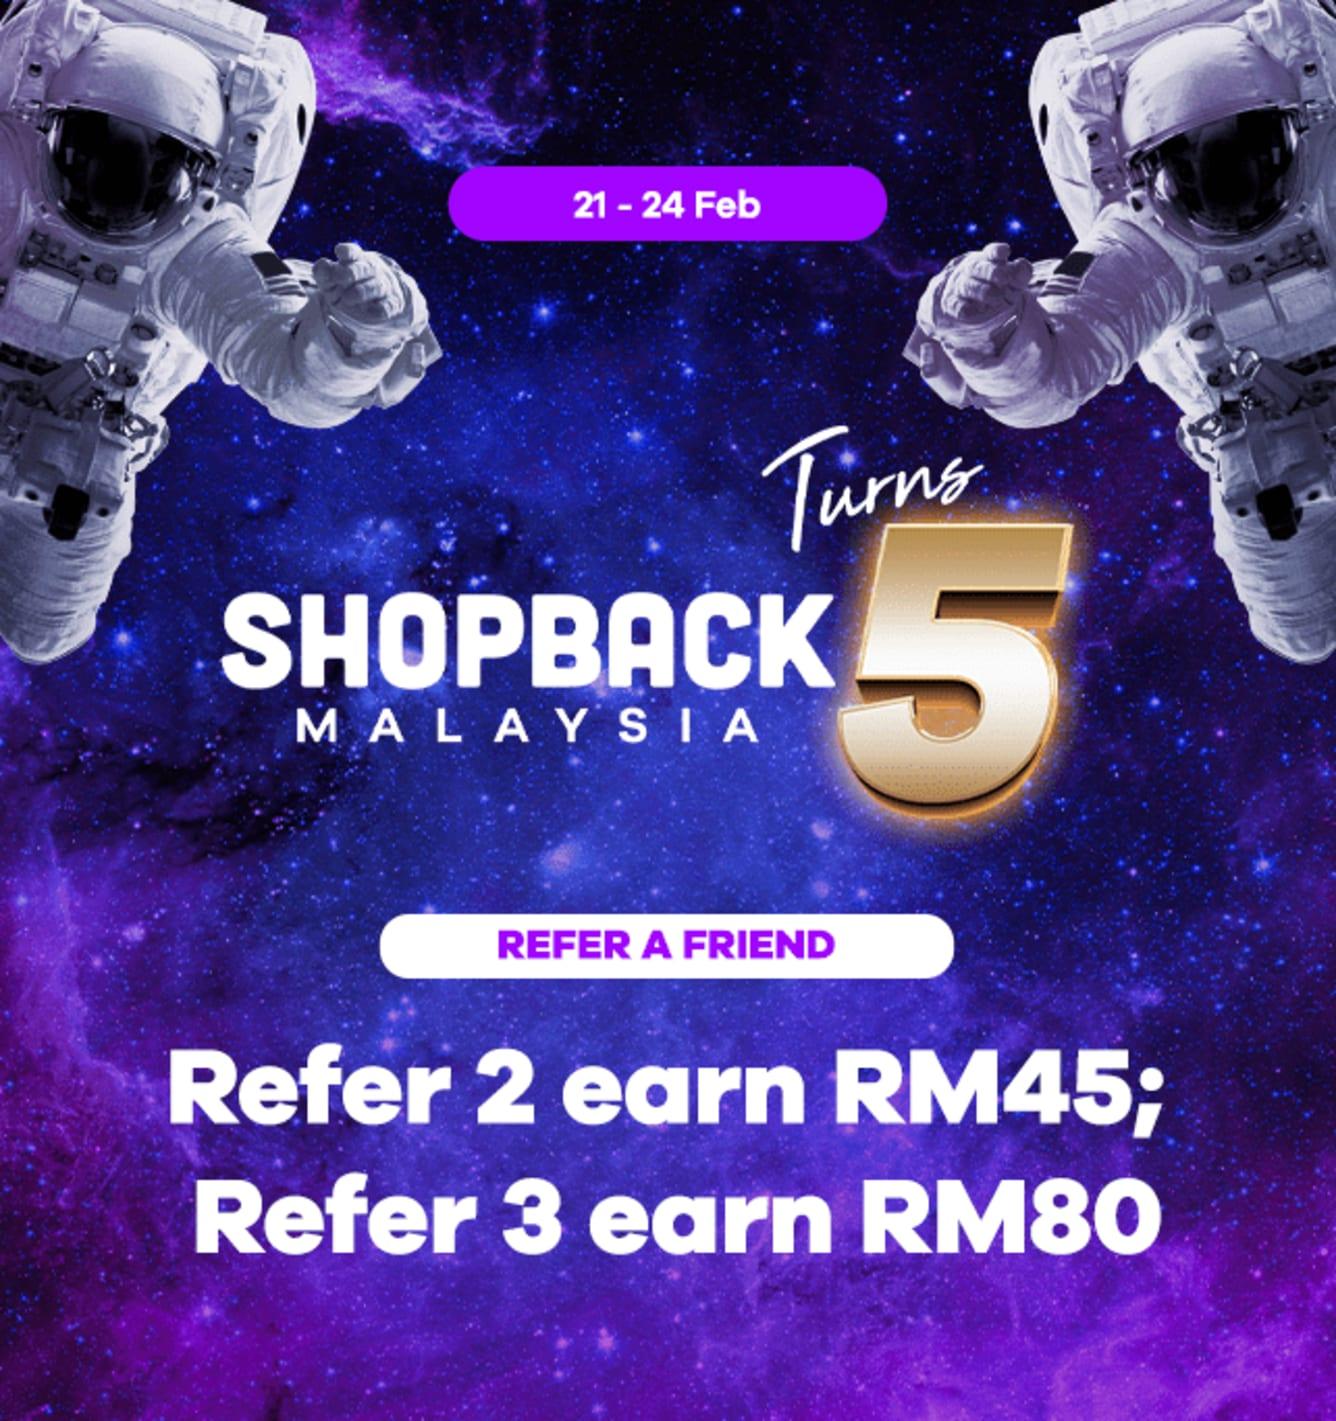 Refer 3 friends, Earn RM80